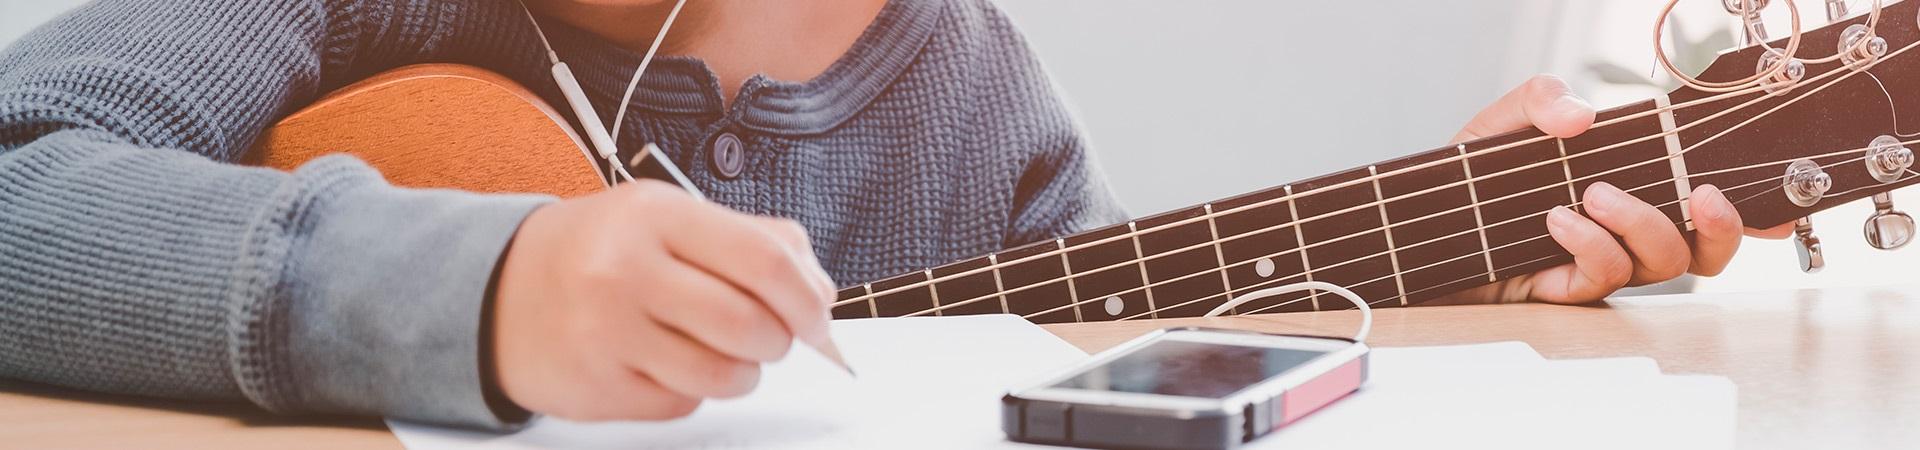 Banner de topo - Música: ensino e expressão